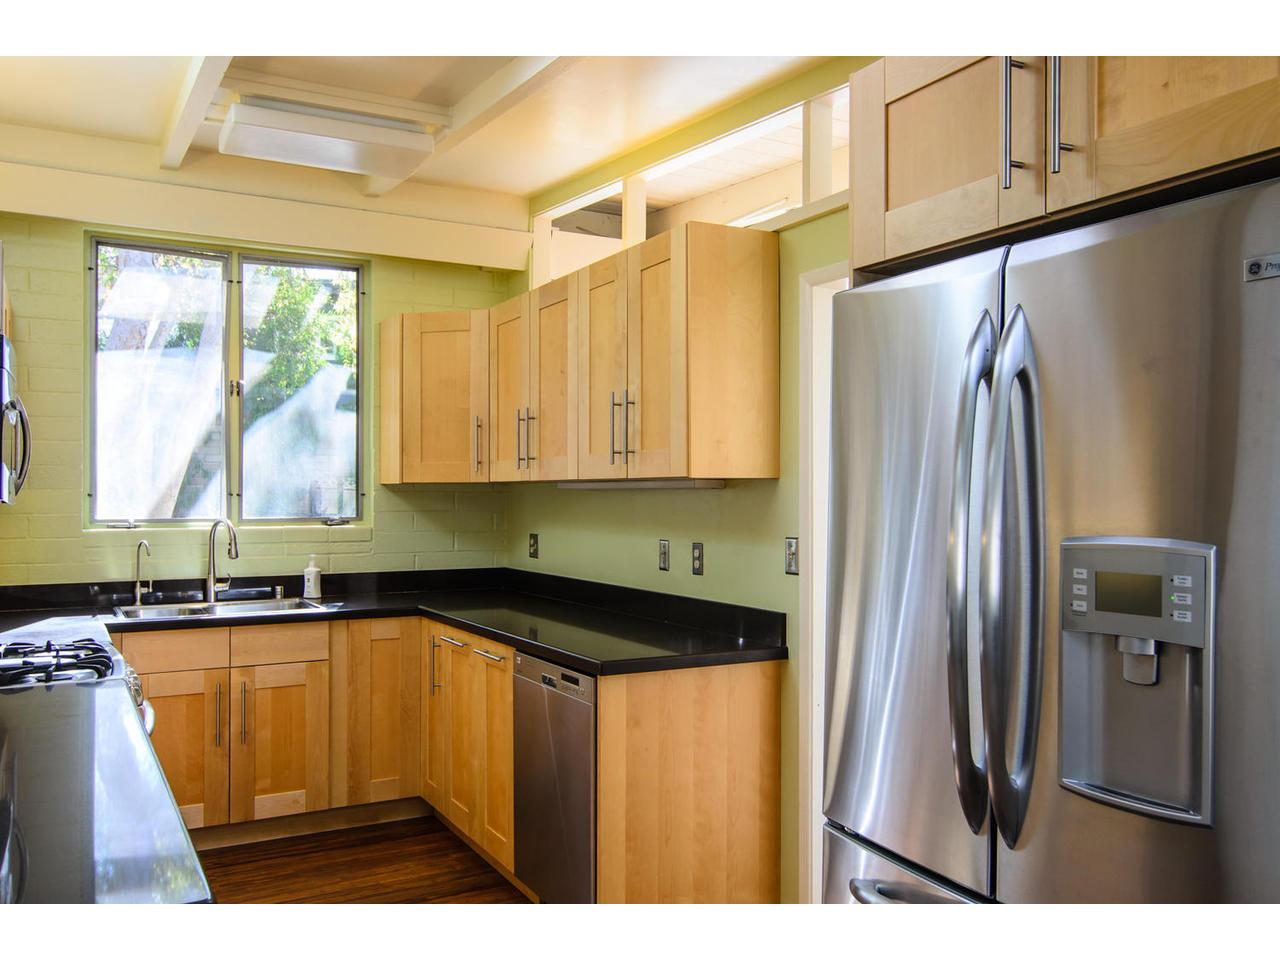 3065 Eagle St San Diego CA-MLS_Size-013-3065 Eagle Street San Diego CA-1280x960-72dpi.jpg